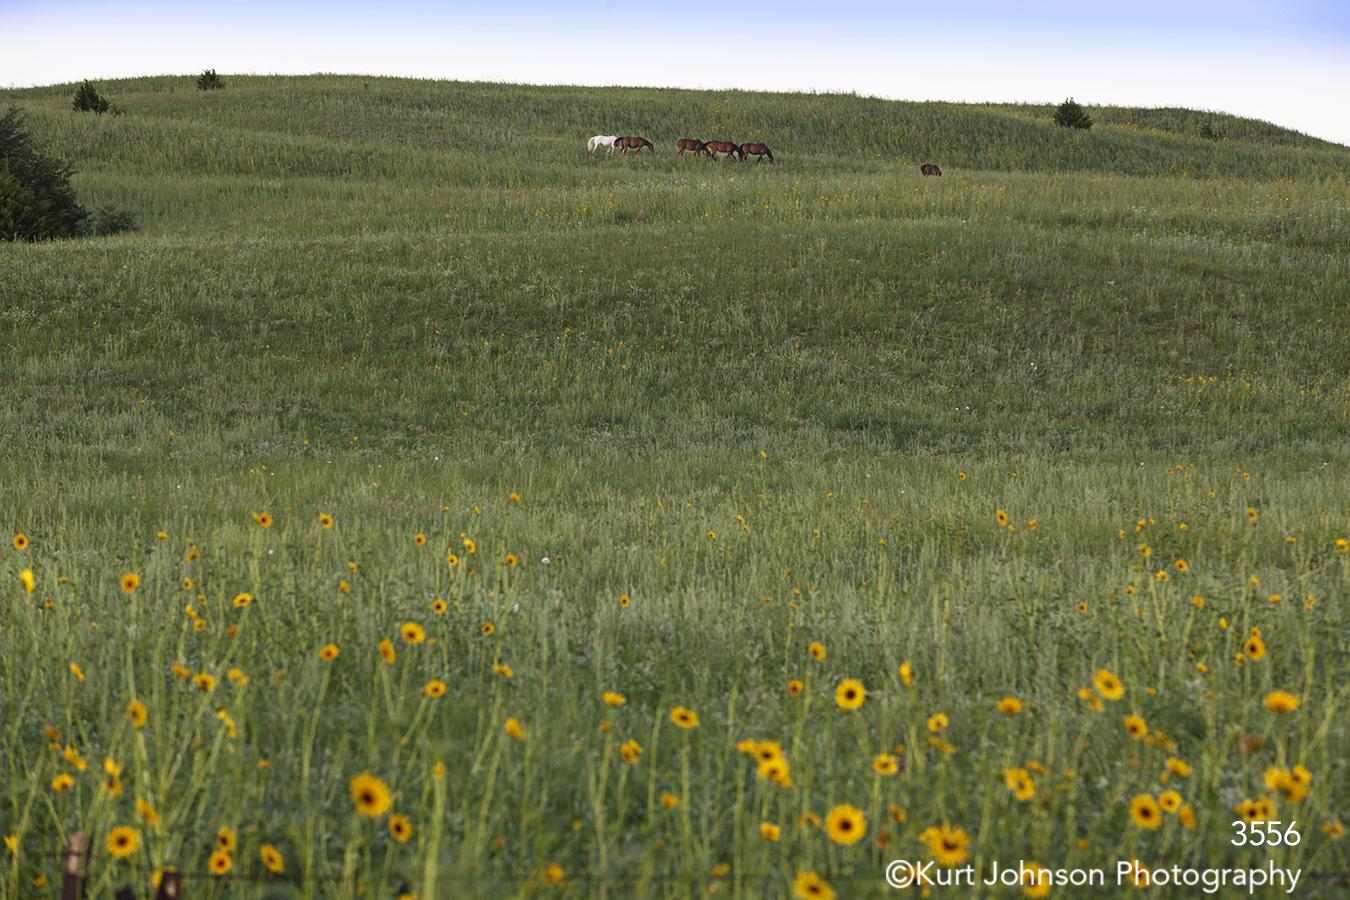 landscape field grasses flower green wildlife horses